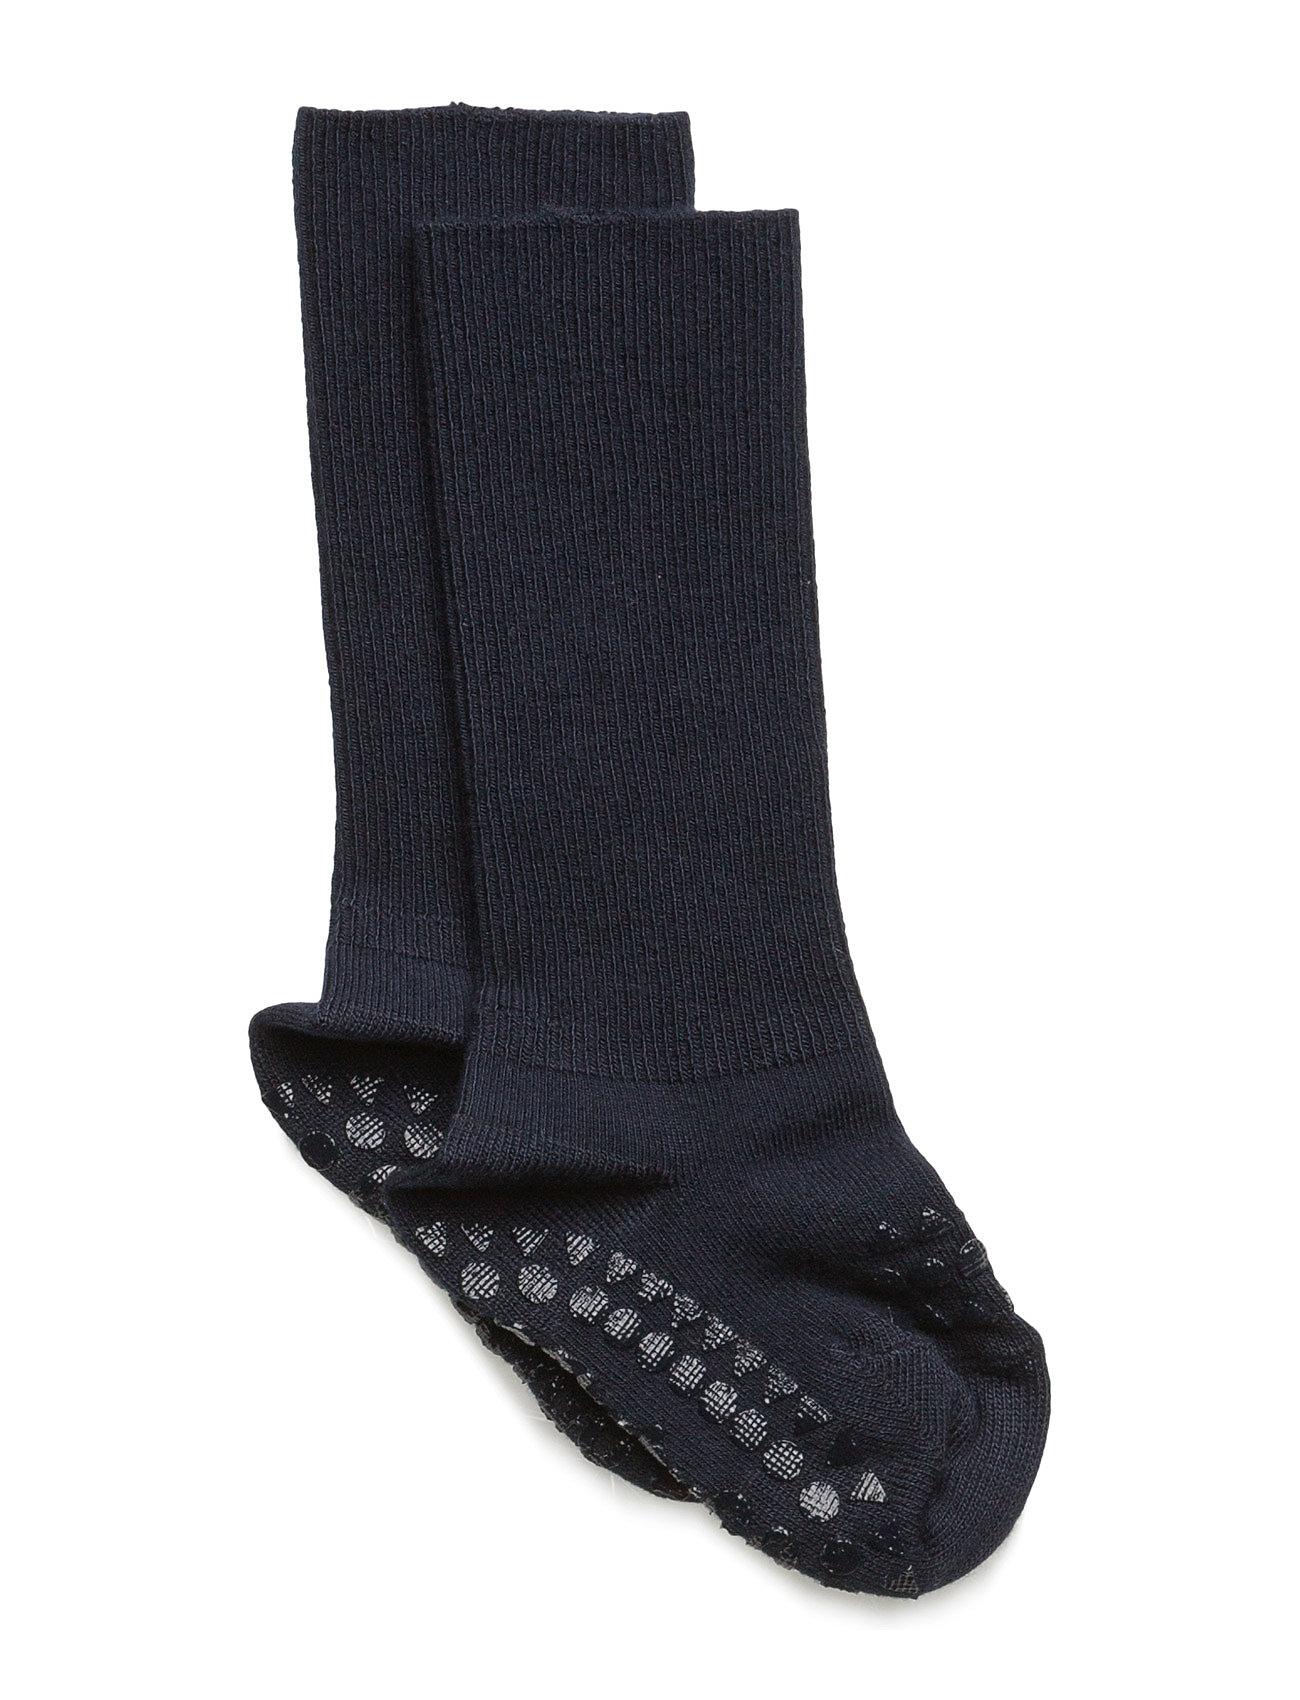 Non-Slip Socks GoBabyGo Strømper & Strømpebukser til Børn i Mørkeblå